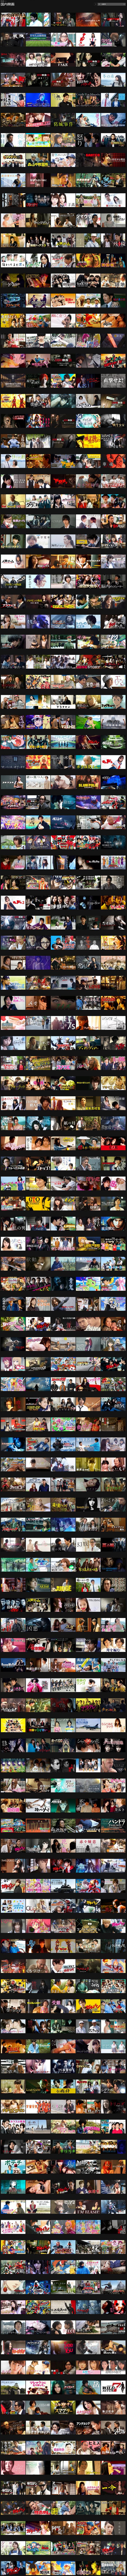 2018年02月のNetflix国内映画(日本映画・邦画) 動画配信一覧